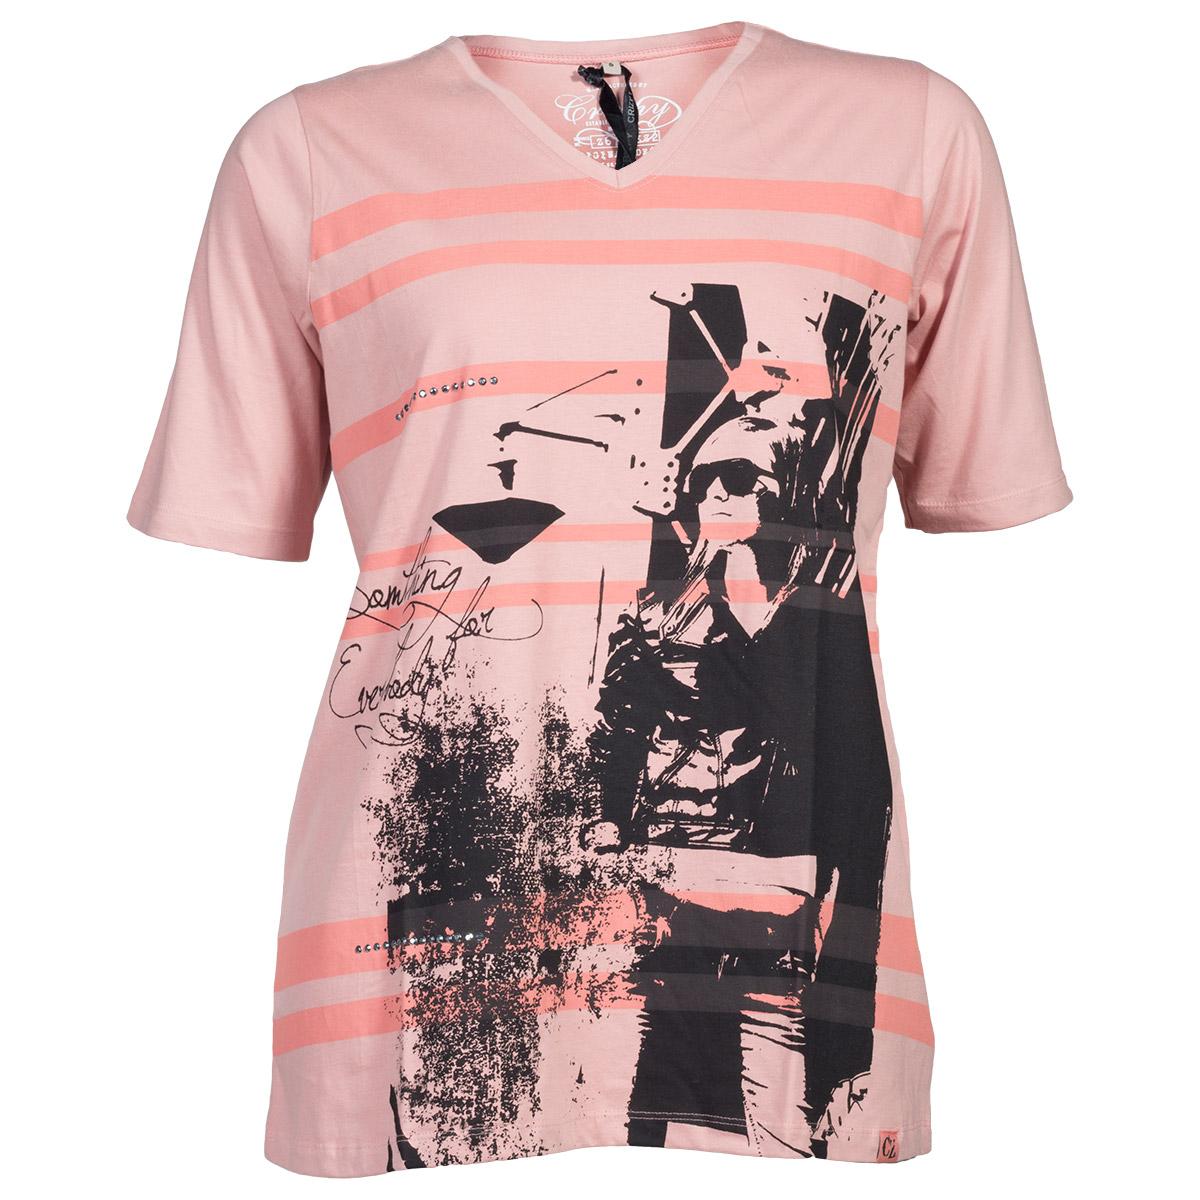 Koral t-shirt print og rhinsten